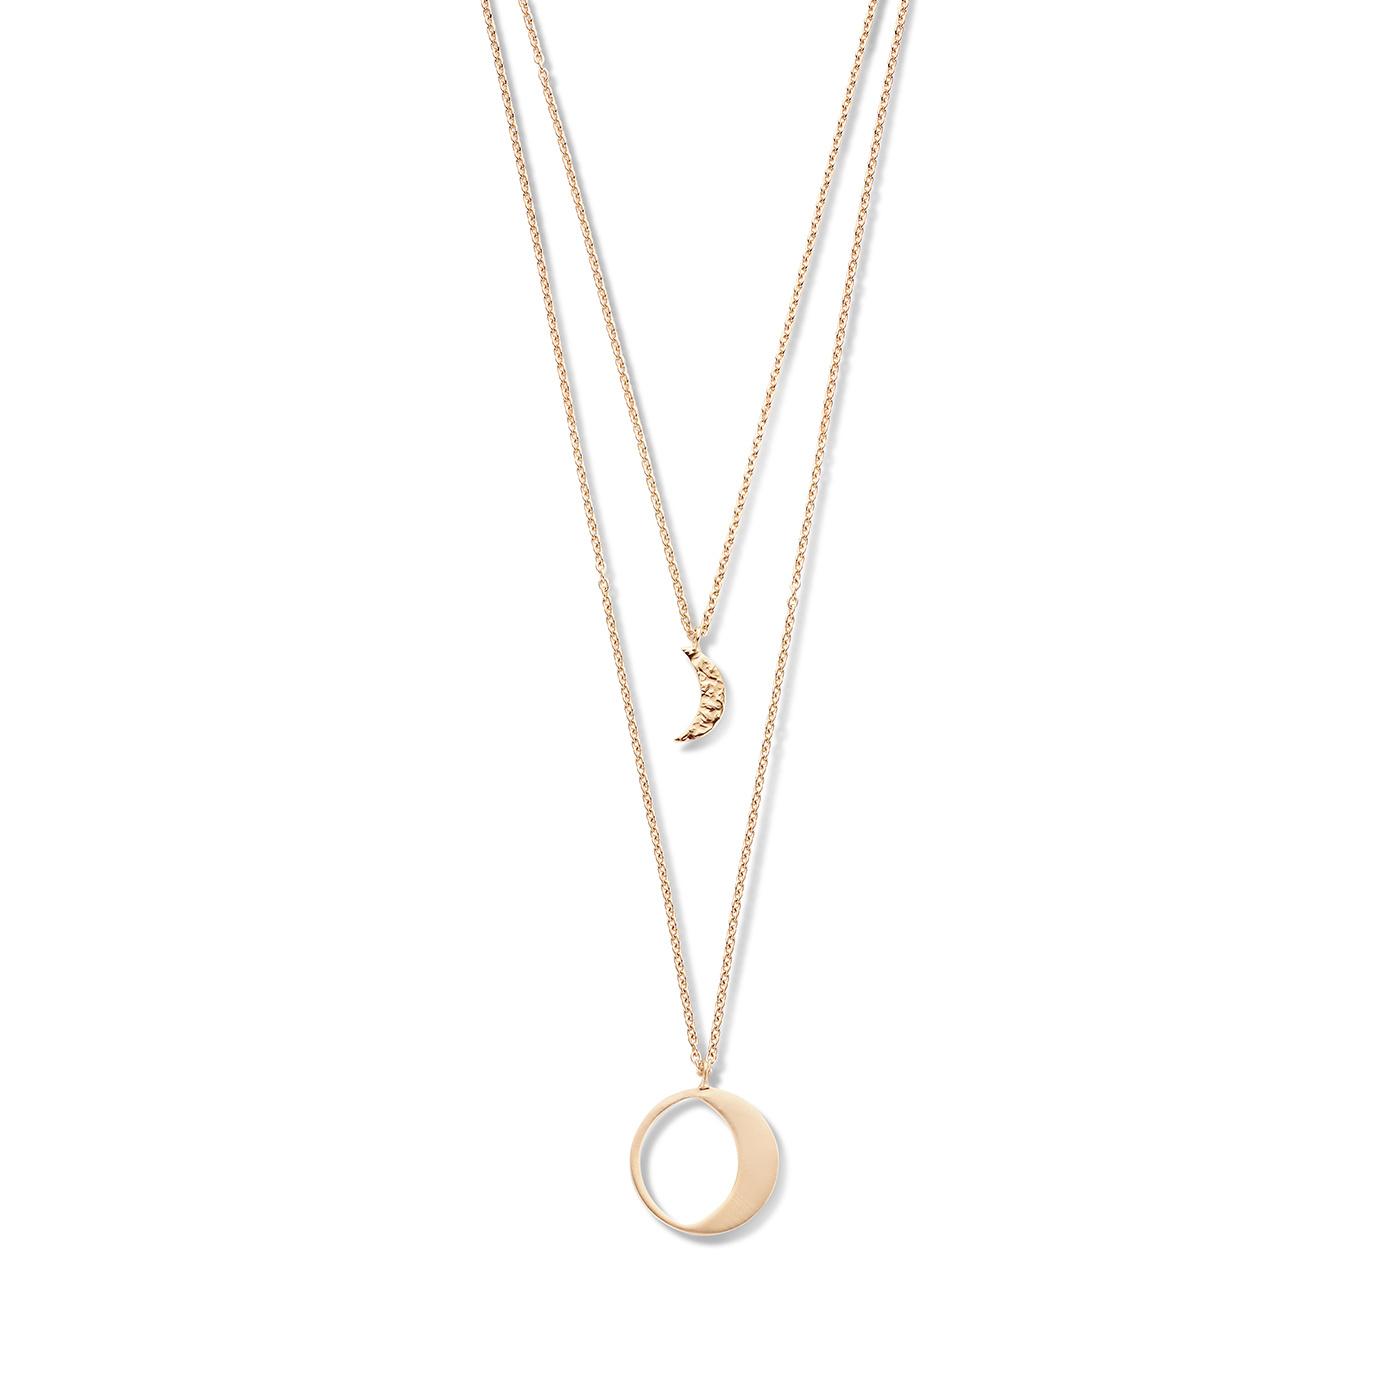 Violet Hamden Luna 925 Sterling Silber roségoldfarbenes Kette mit Monde